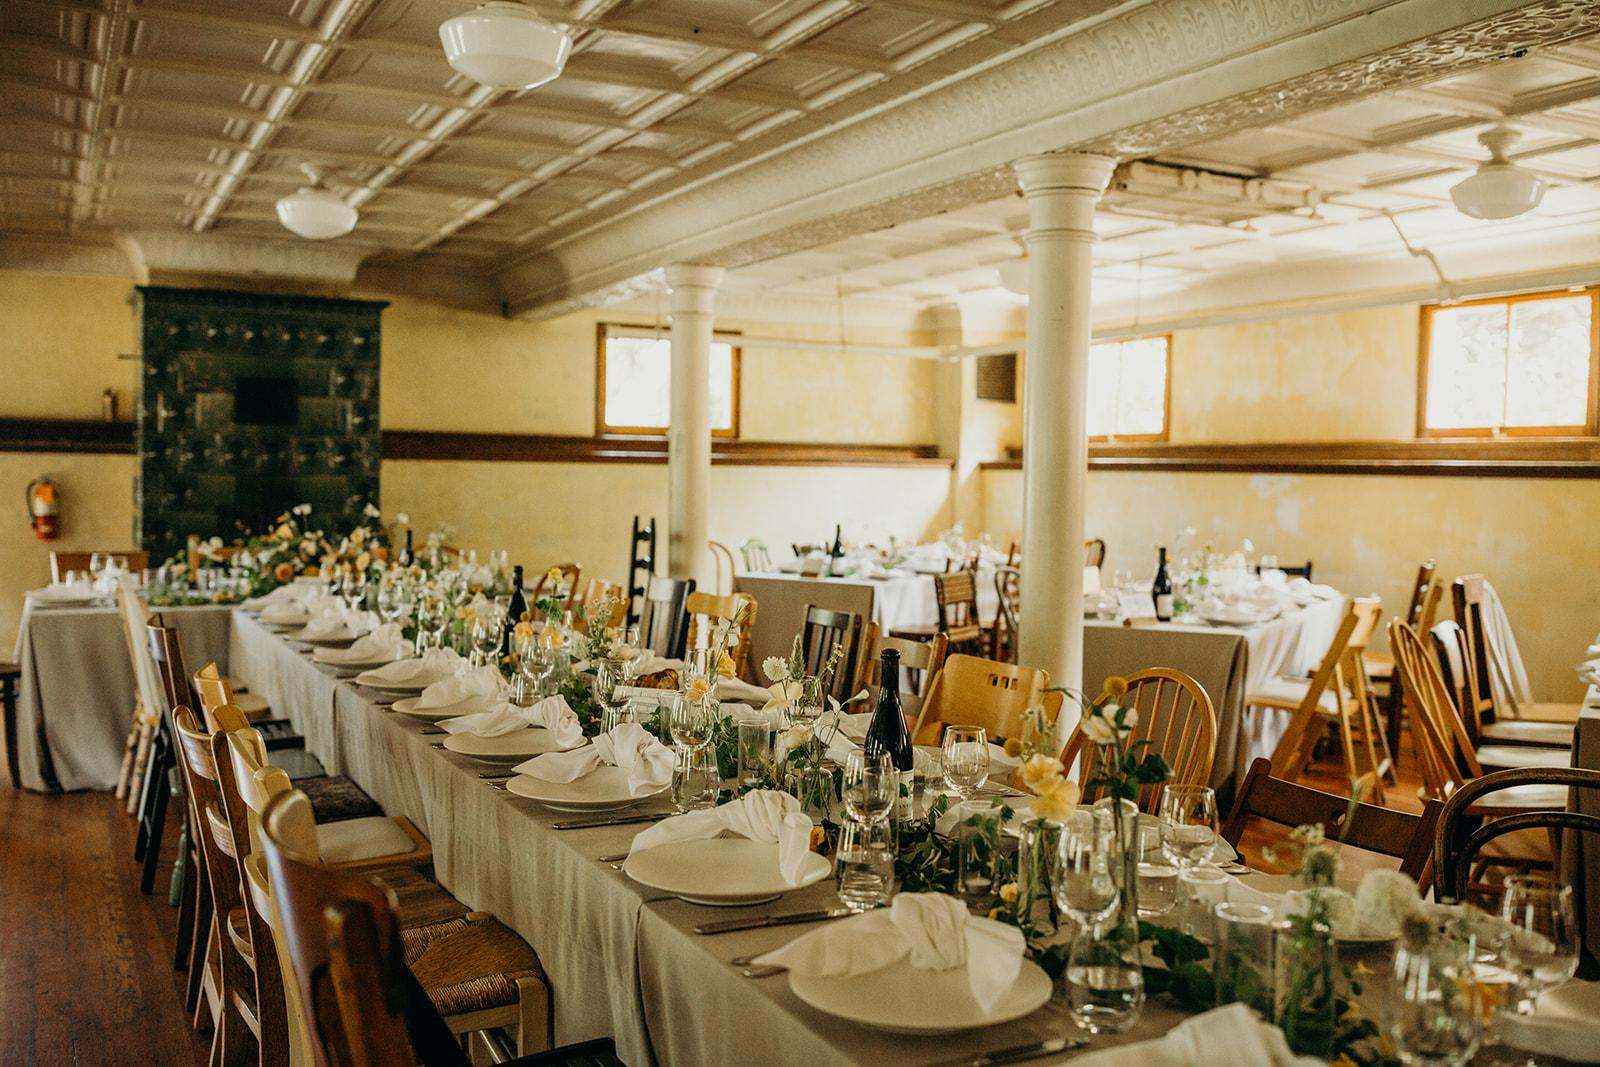 Whitney-Lauren-Headlands-Center-for-The-Arts-Wedding-461.jpg